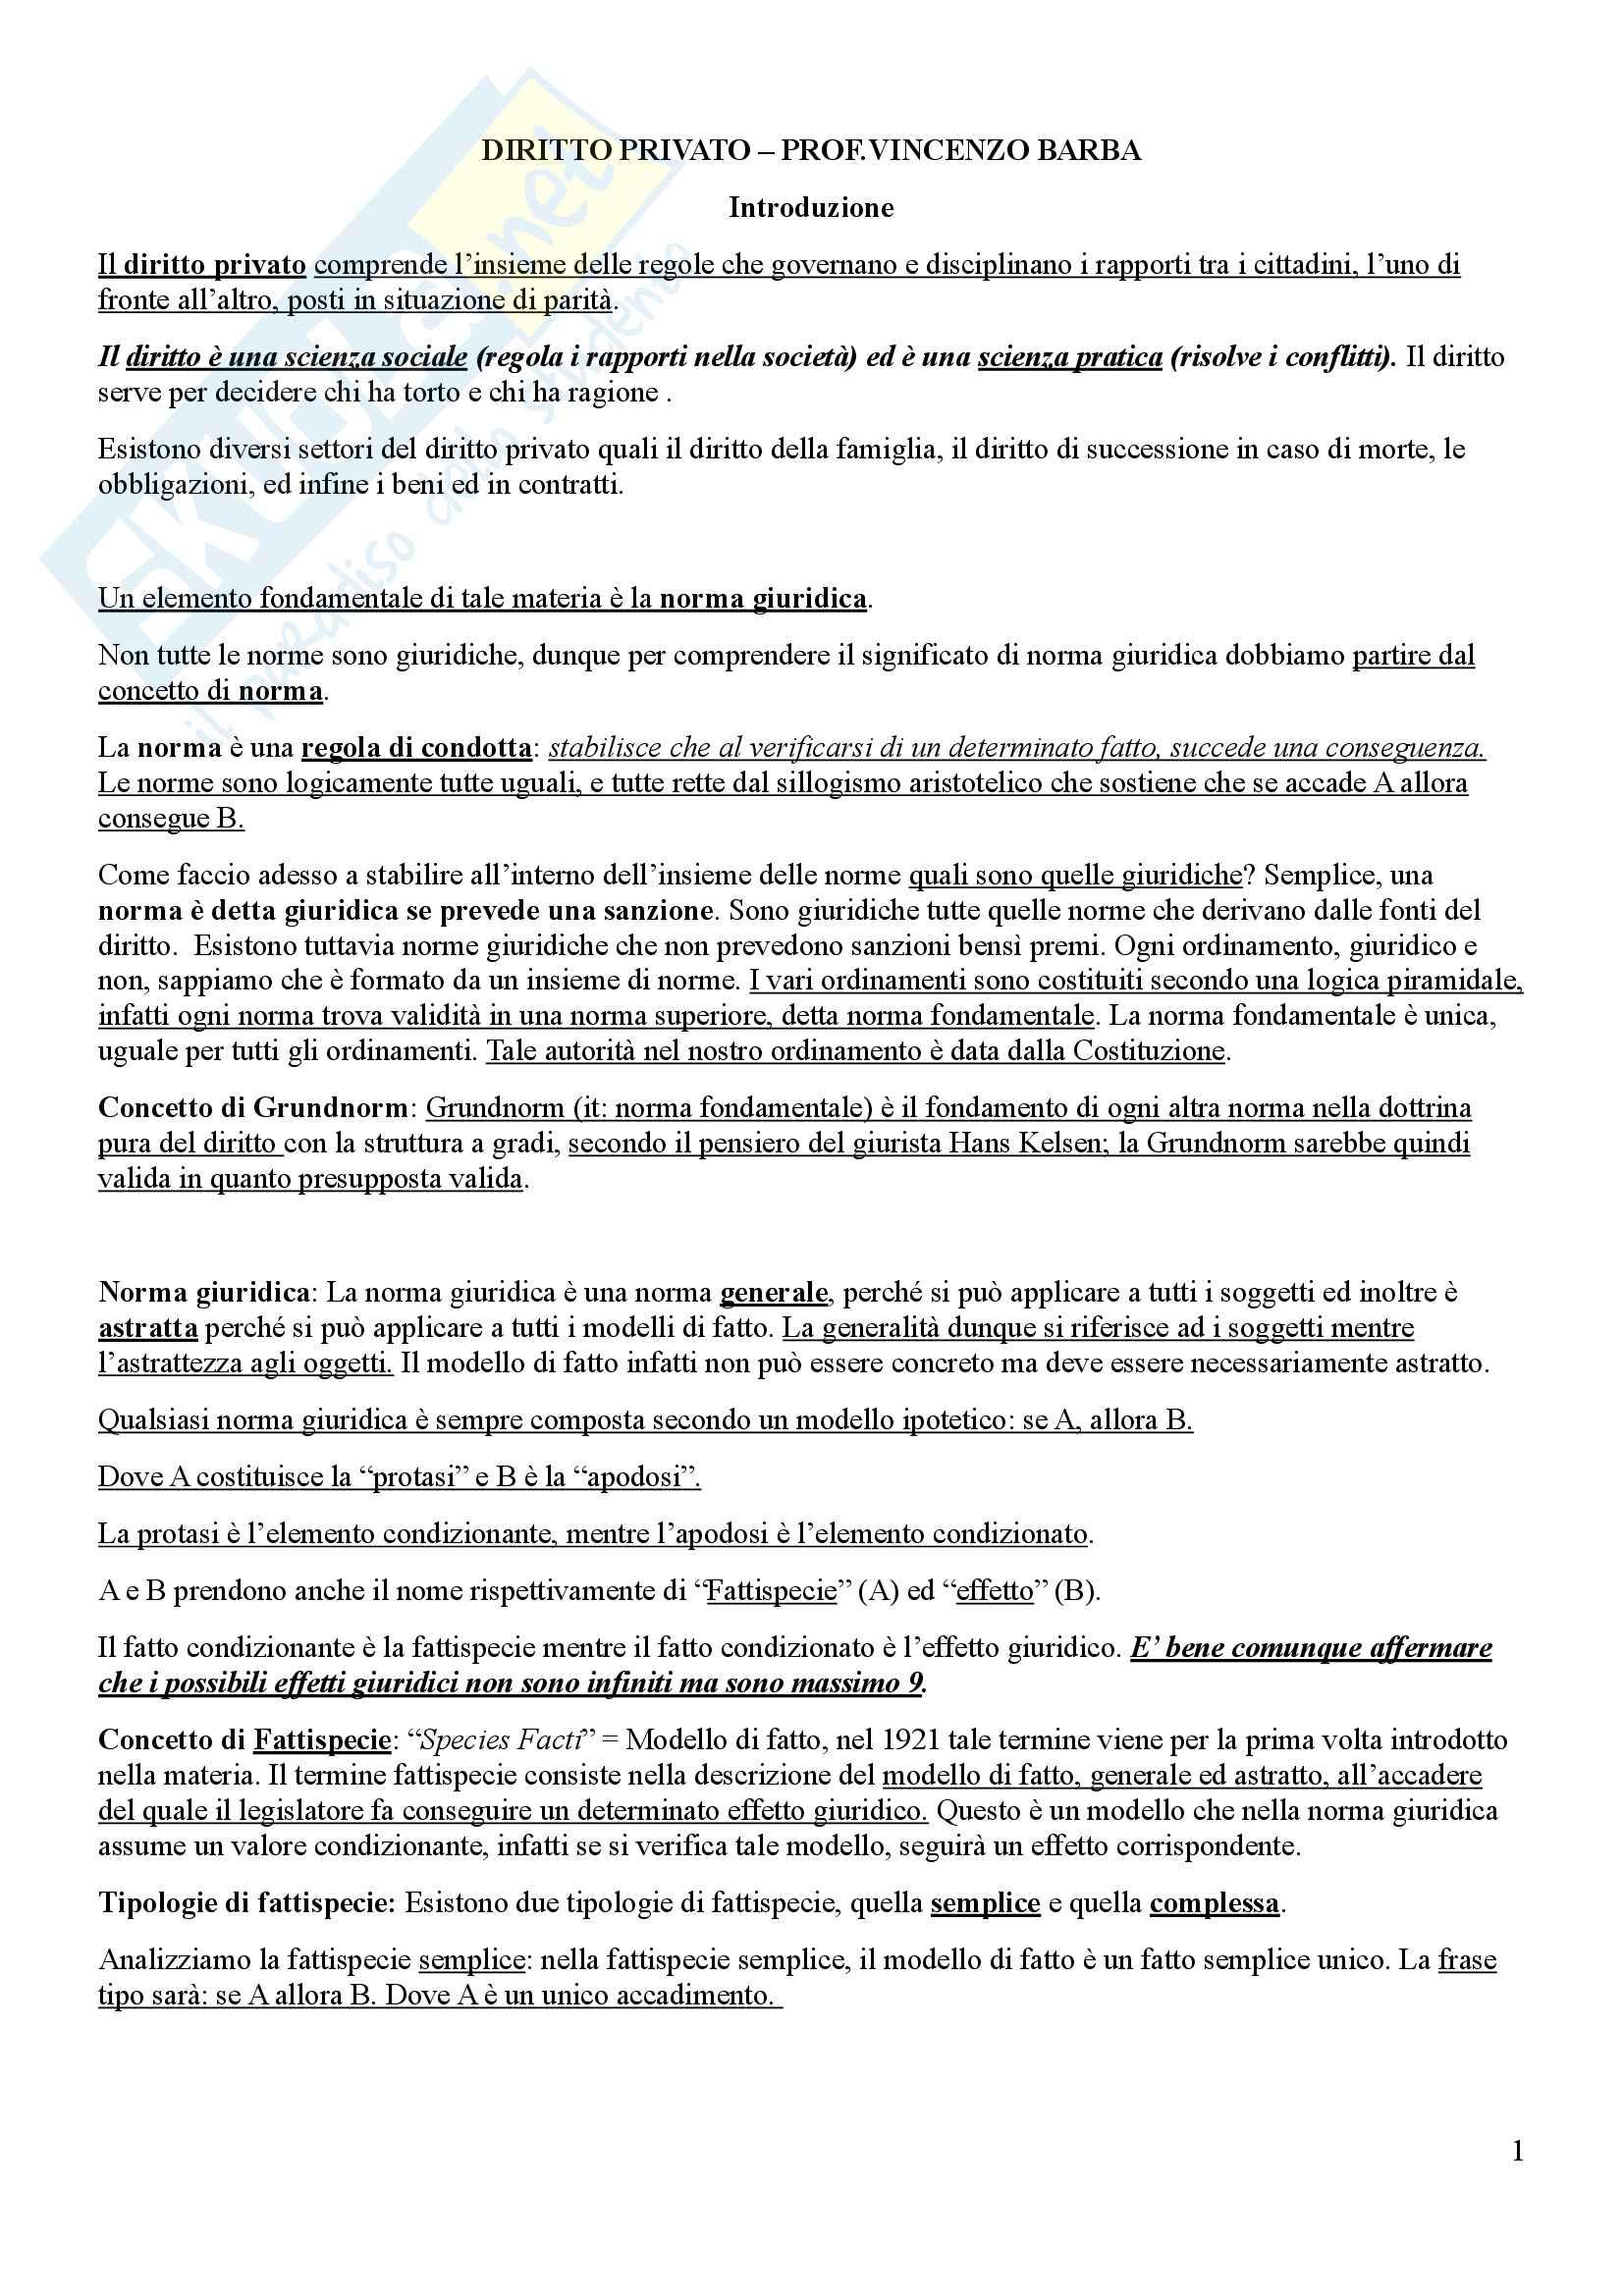 Riassunto esame Diritto Privato - Vincenzo Barba